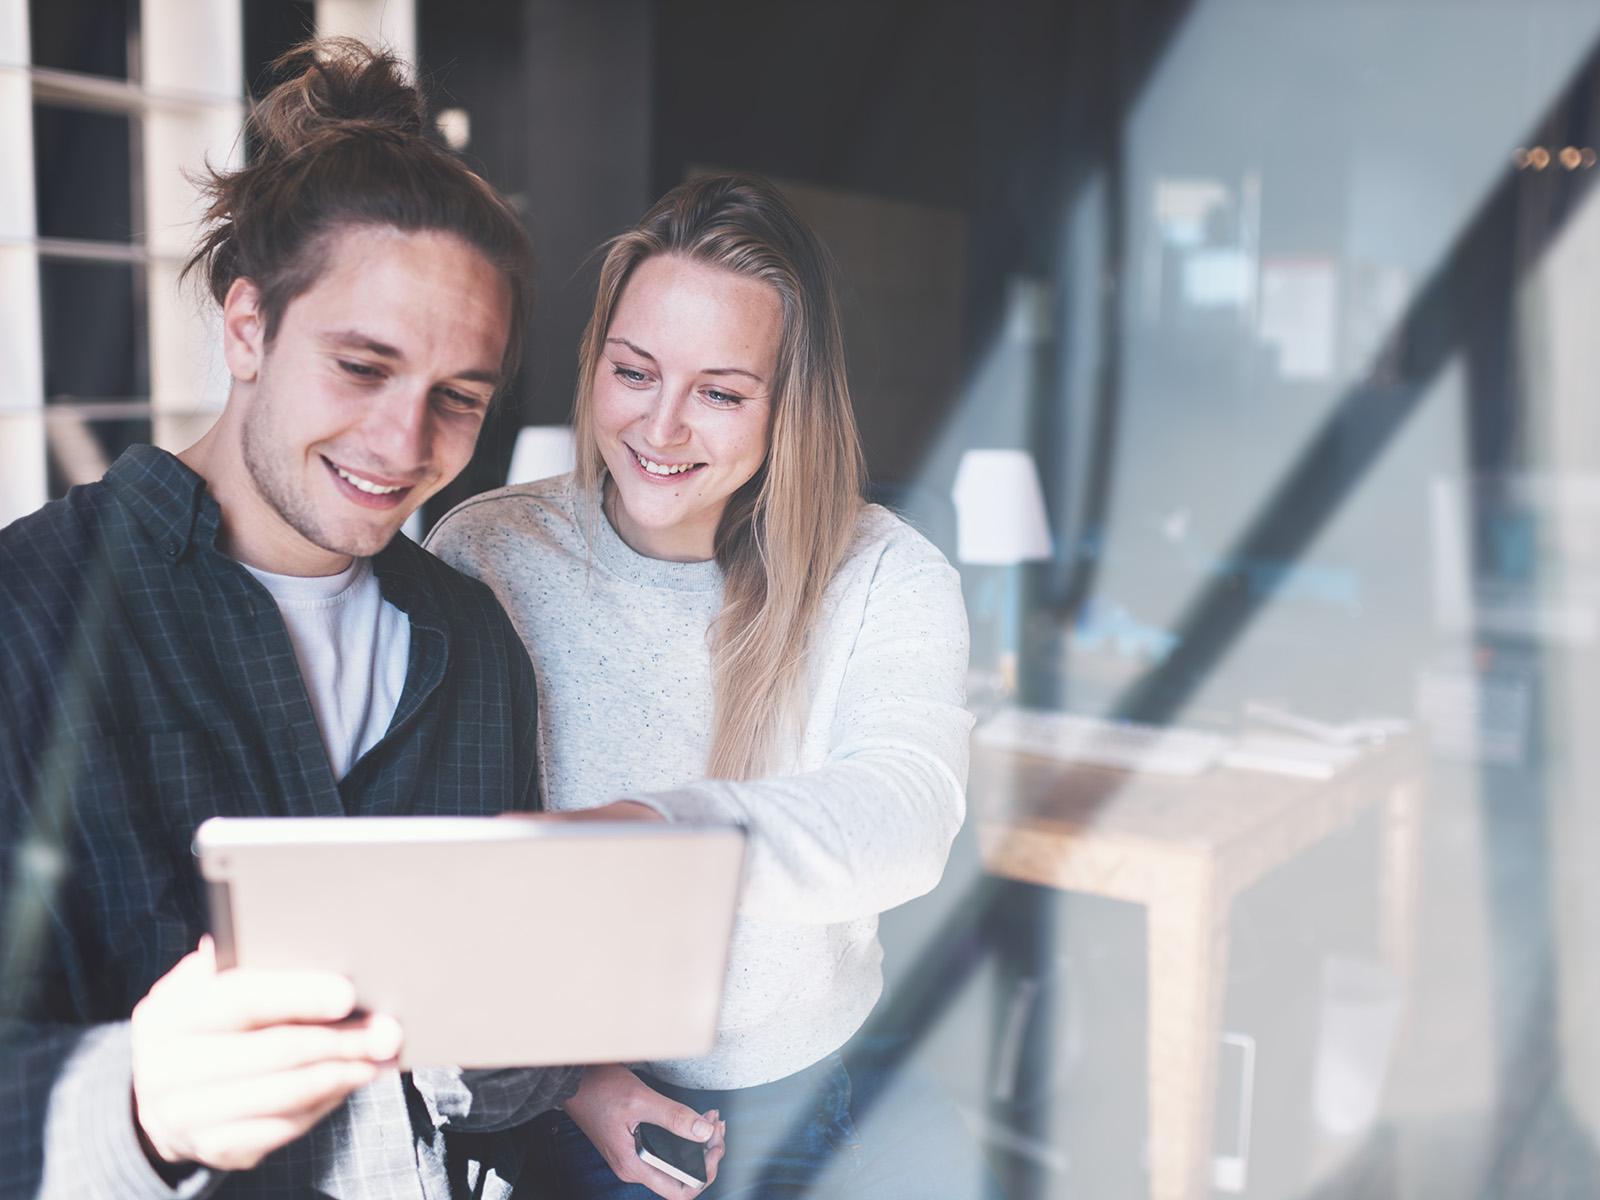 Zwei Personen besprechen das App Design am Tablet